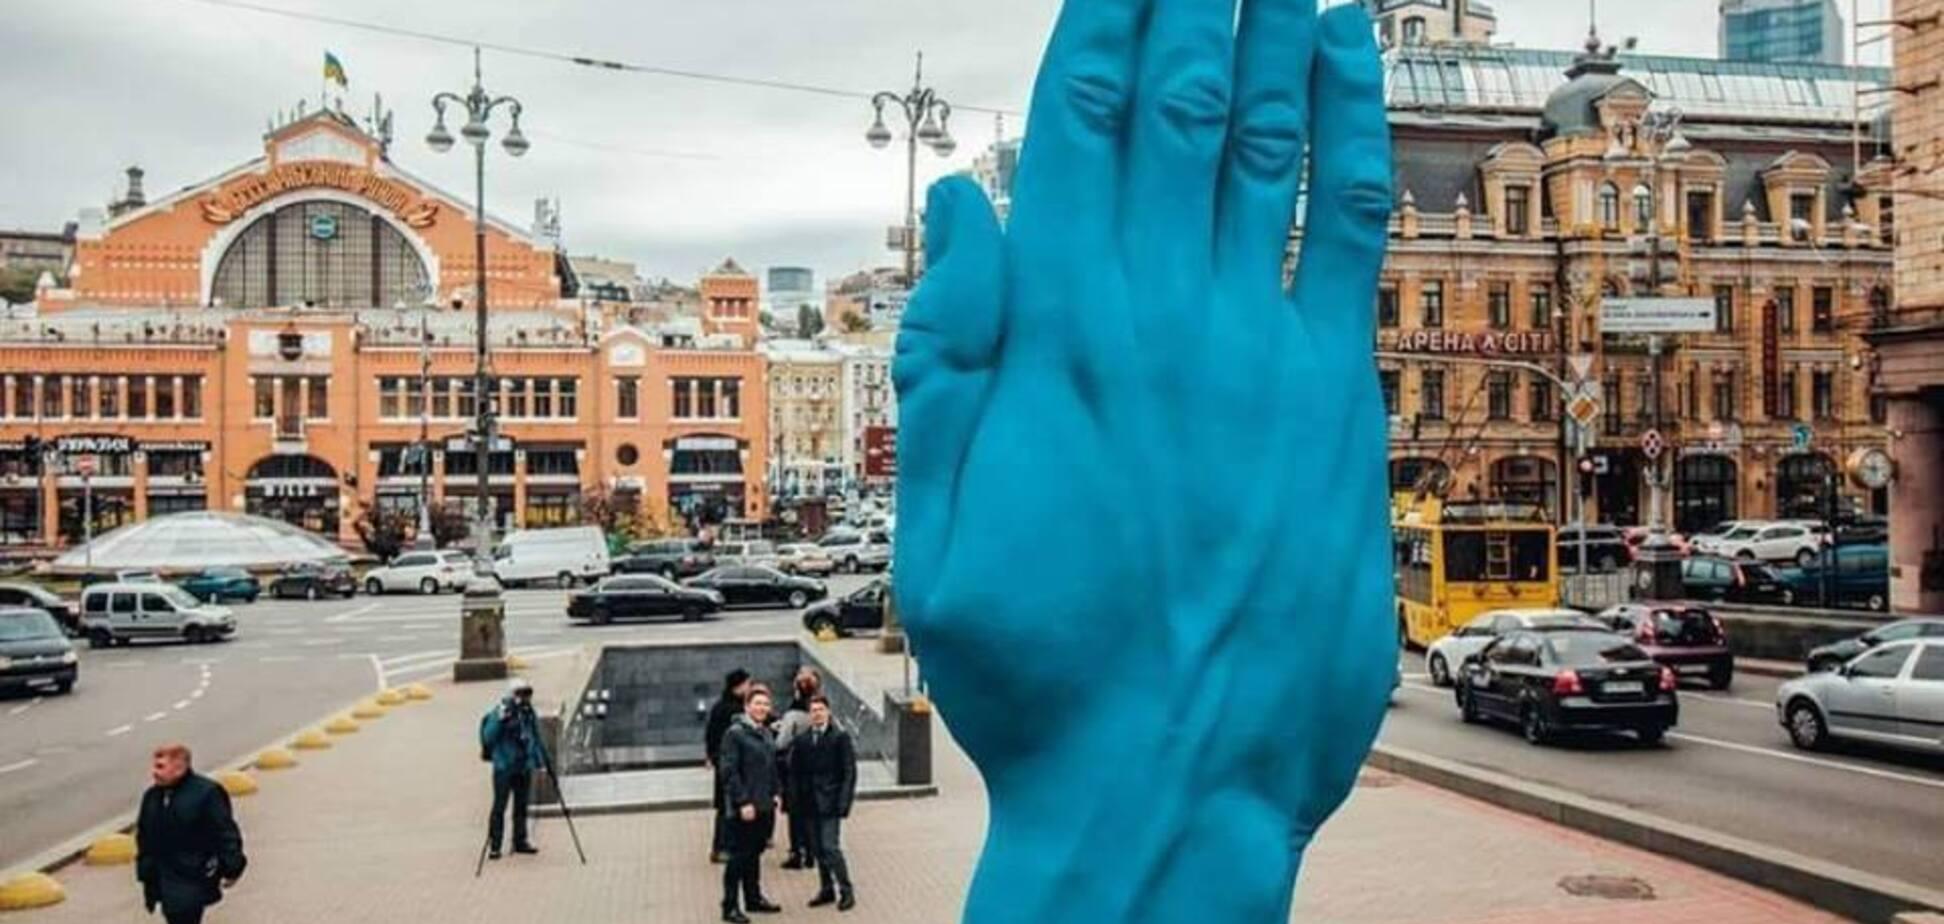 Блакитна рука посеред Києва